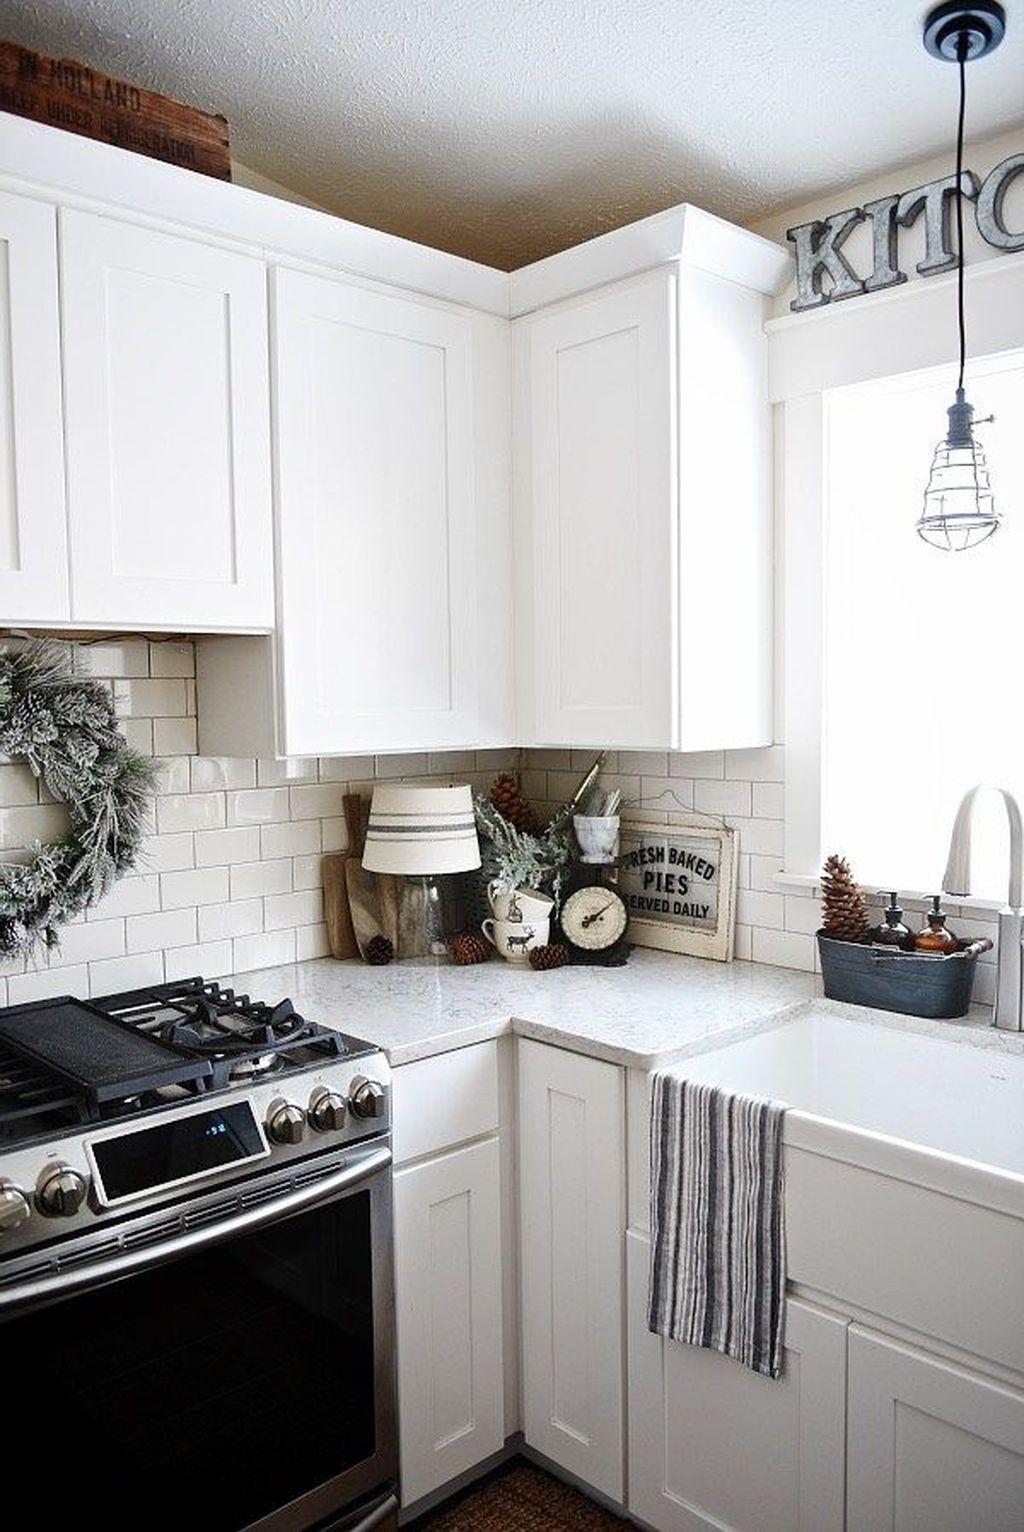 Stunning Winter Theme Kitchen Decorating Ideas 26